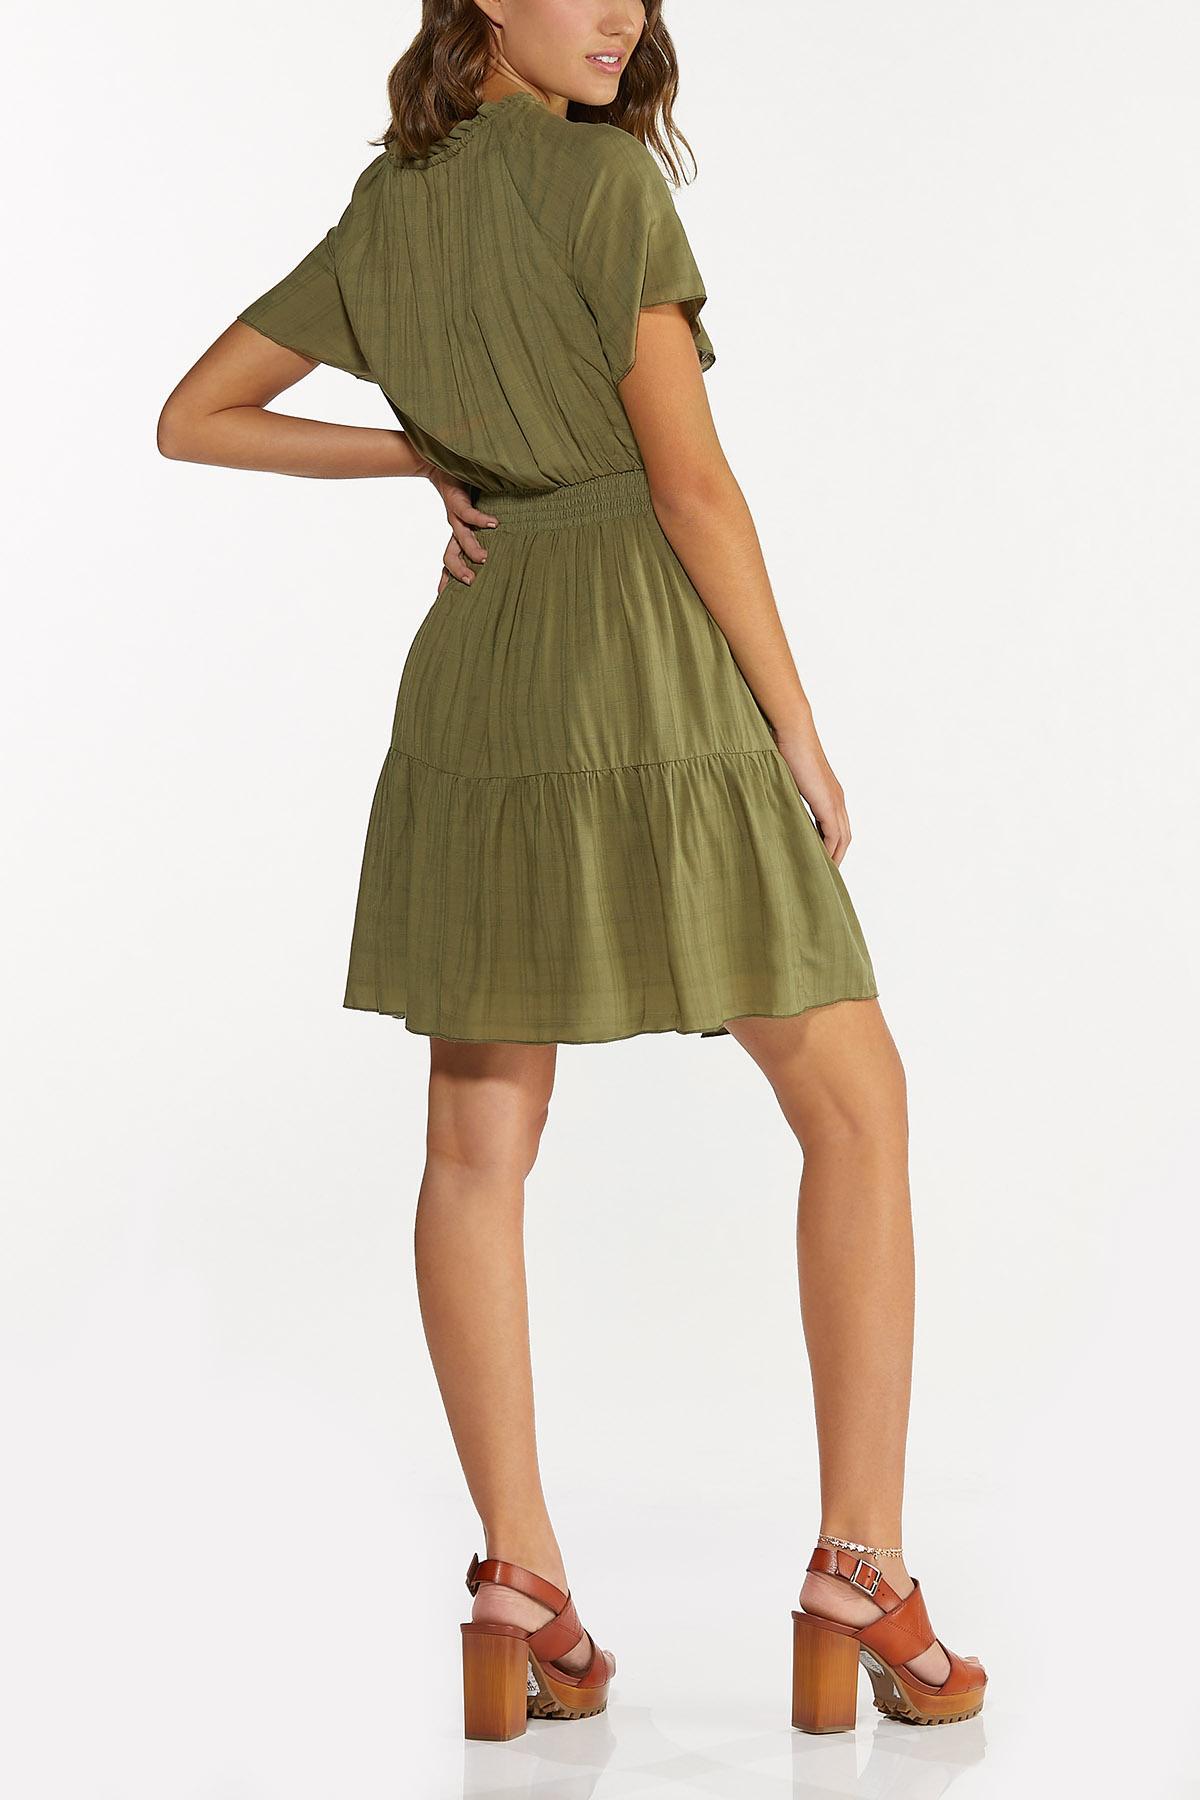 Olive Smocked Dress (Item #44696277)